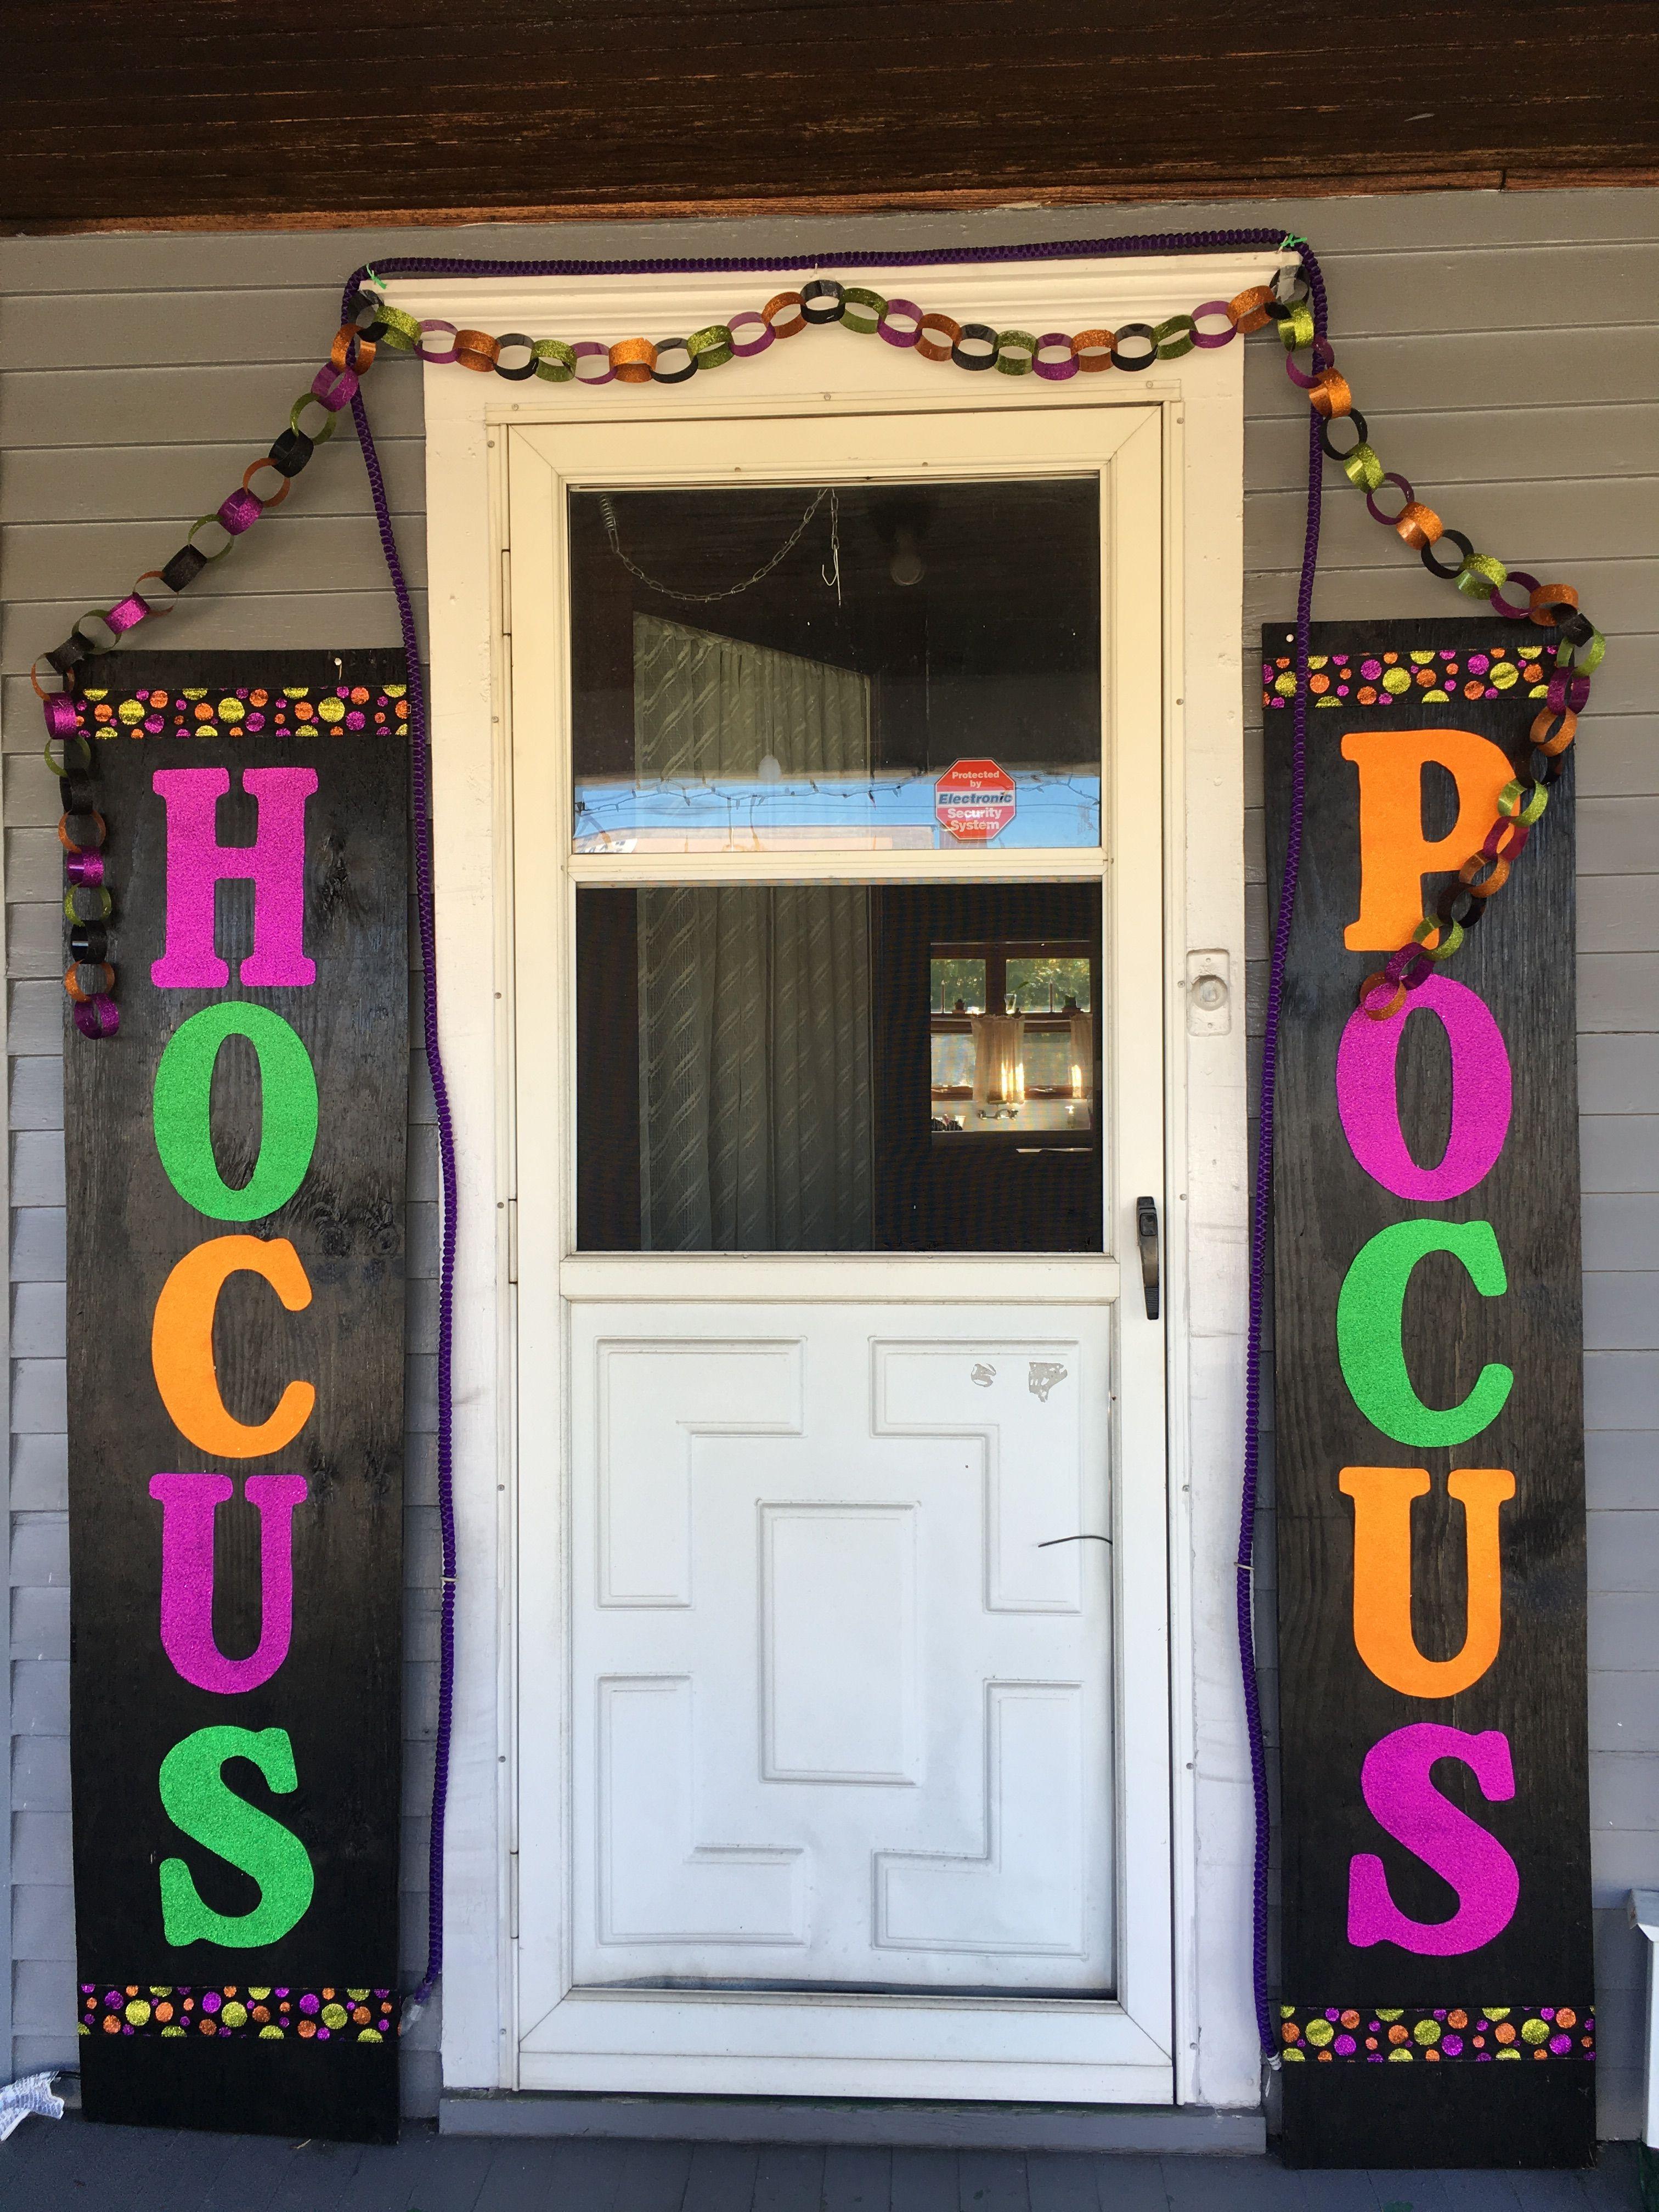 Hocus Pocus Halloween door decor Hallowe\u0027en Pinterest Hocus pocus - pinterest halloween door decor